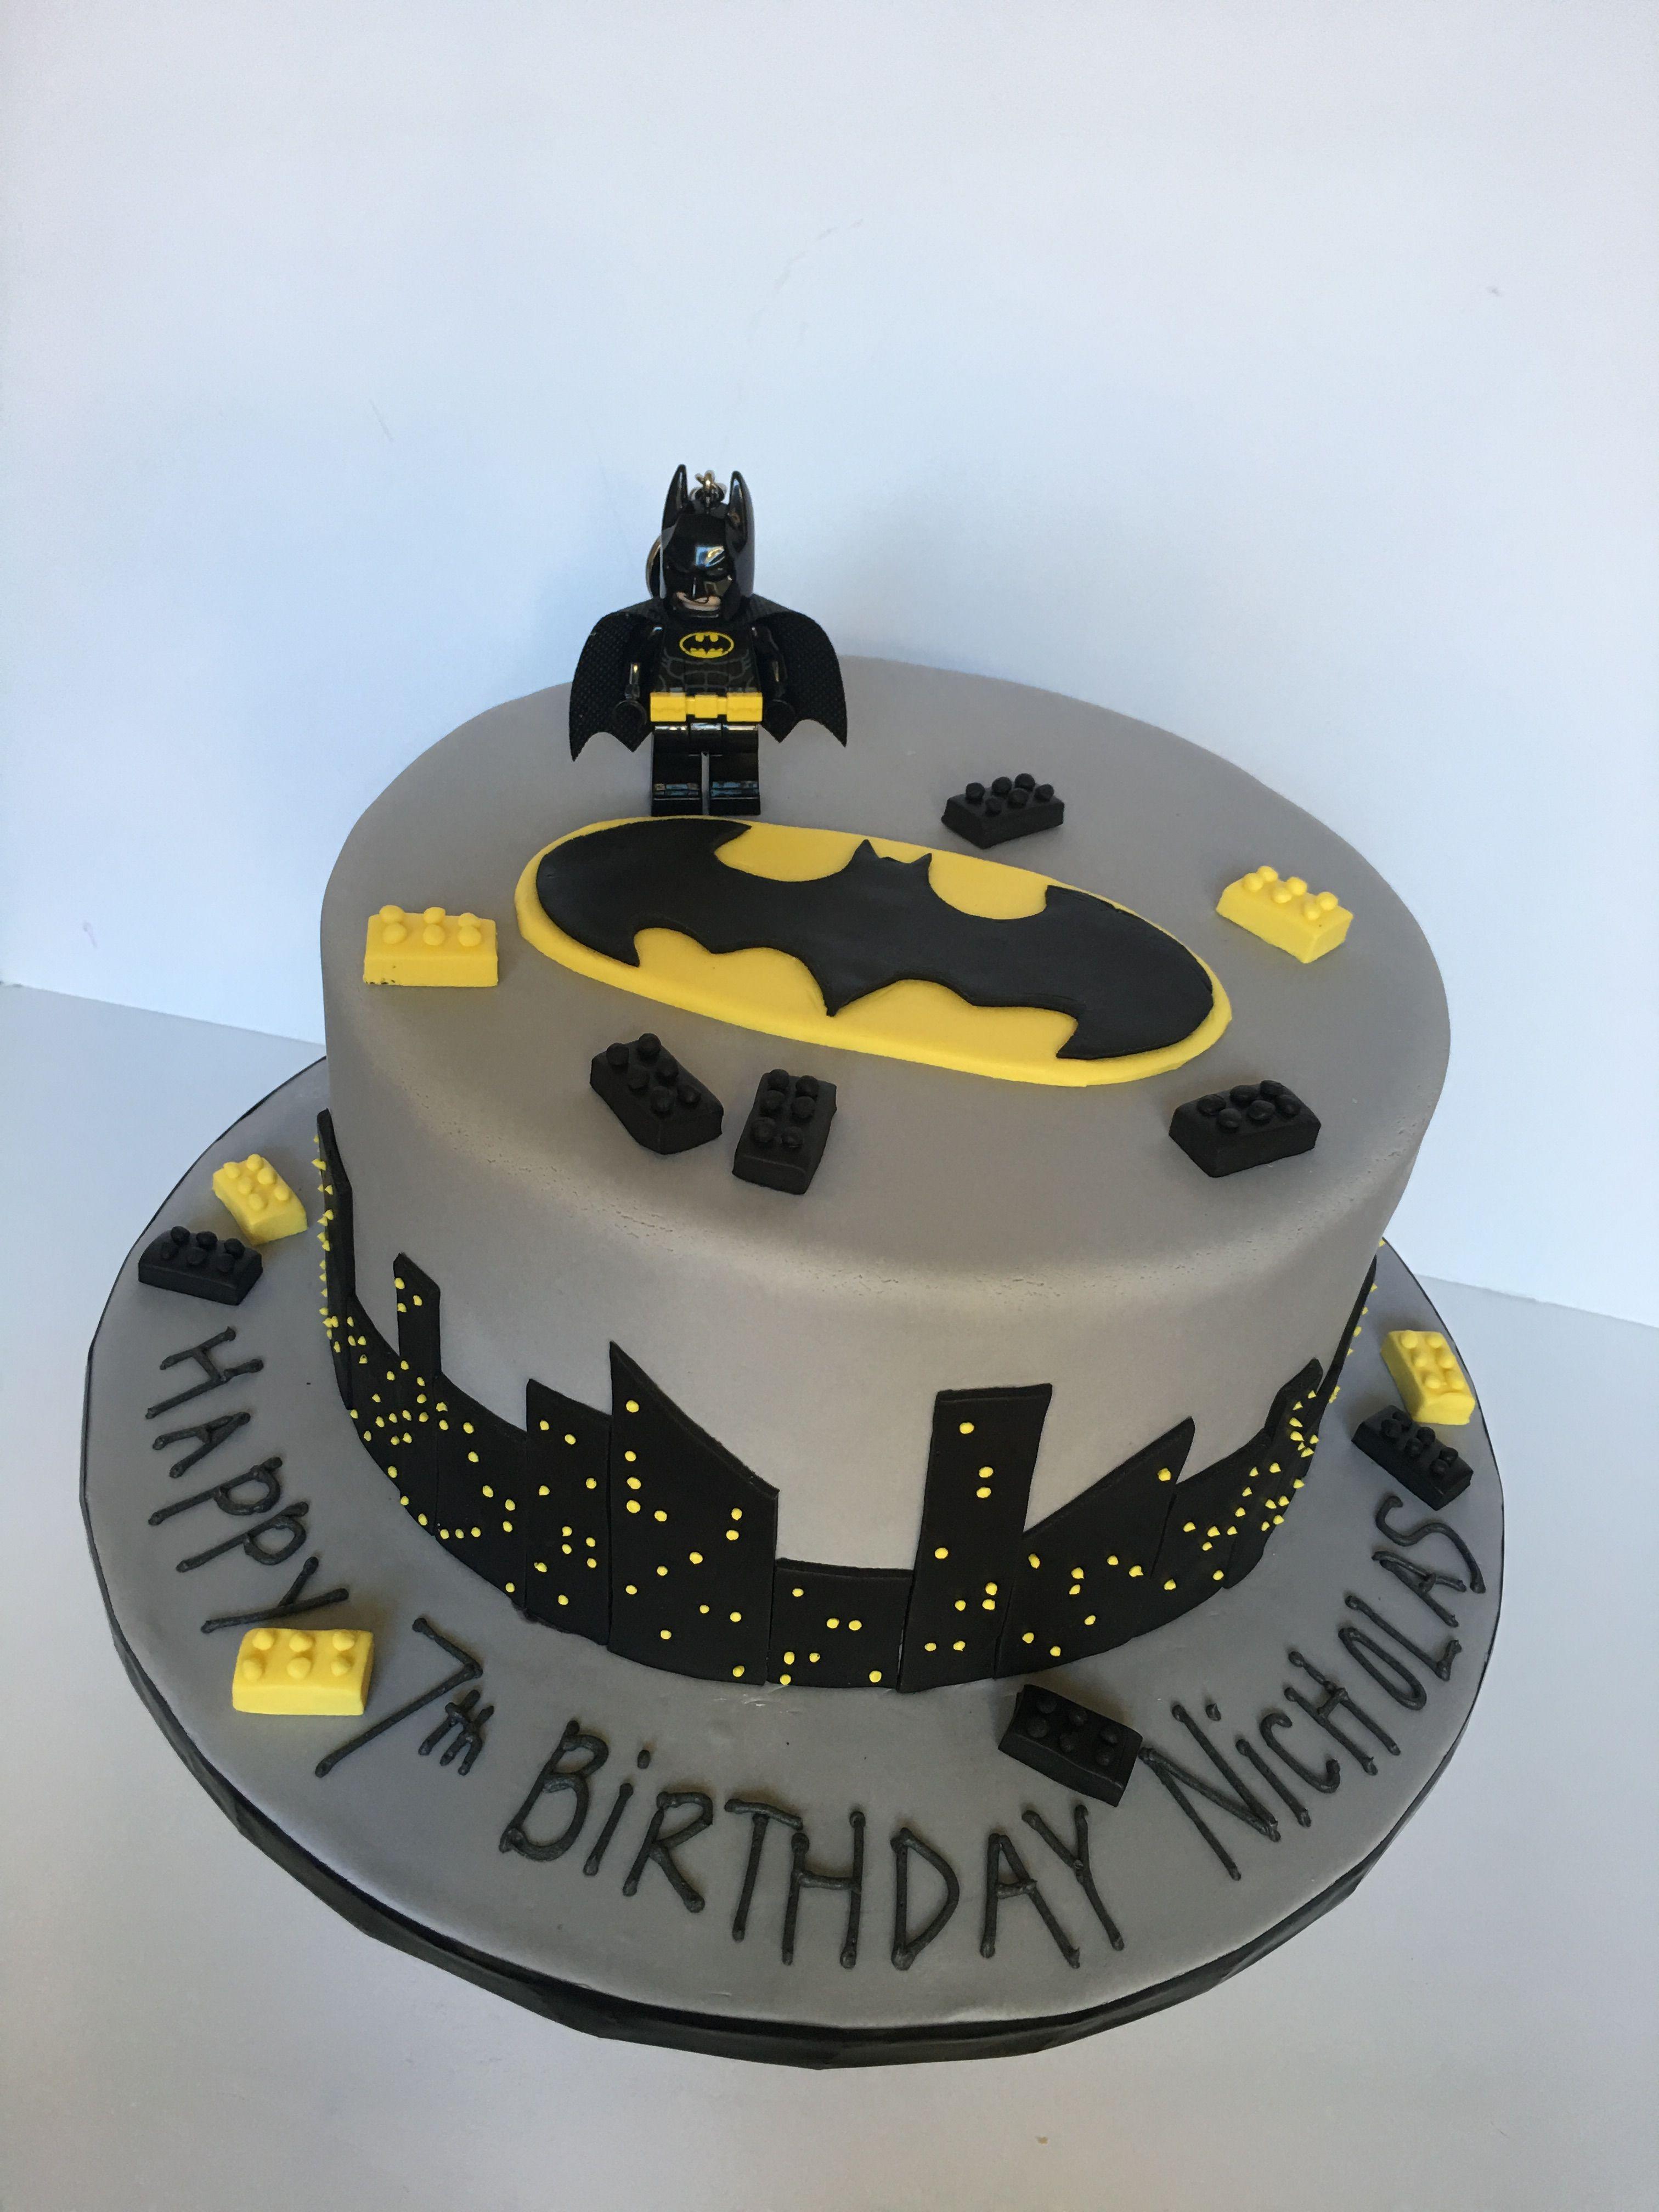 Lego Batman Cake For Boys Lego Batman Birthday Party My - Lego batman birthday cake